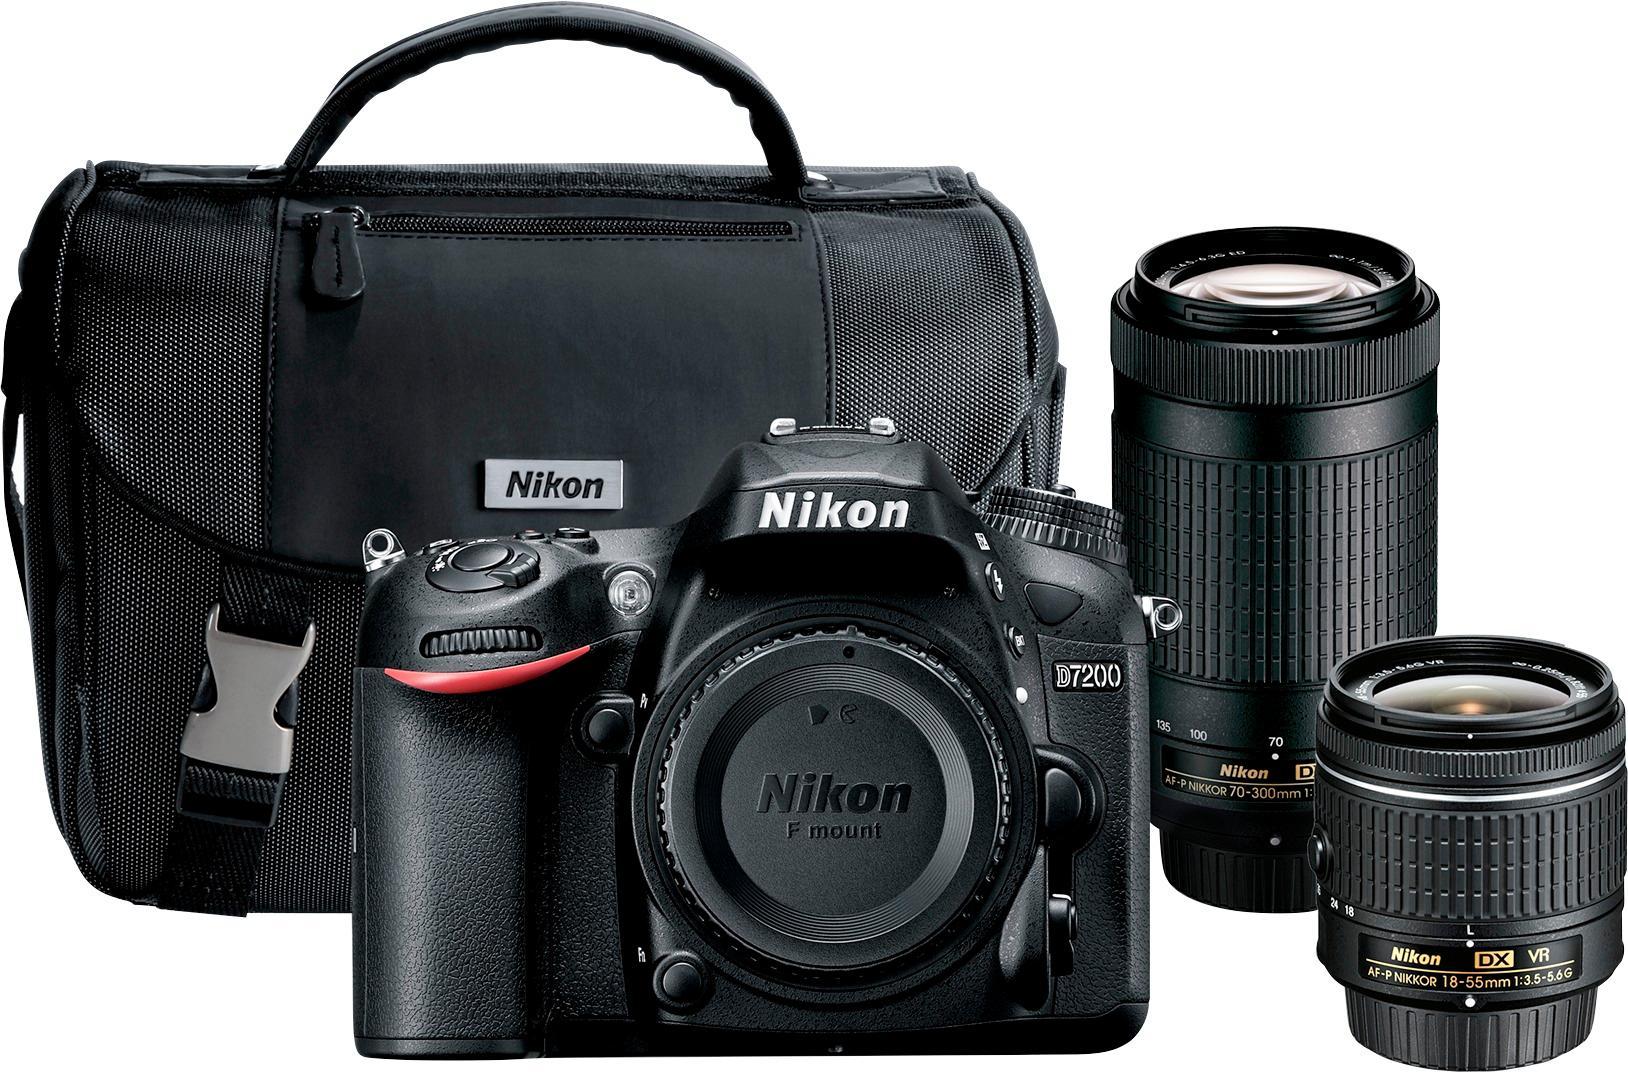 Dòng máy ảnh bán chuyên